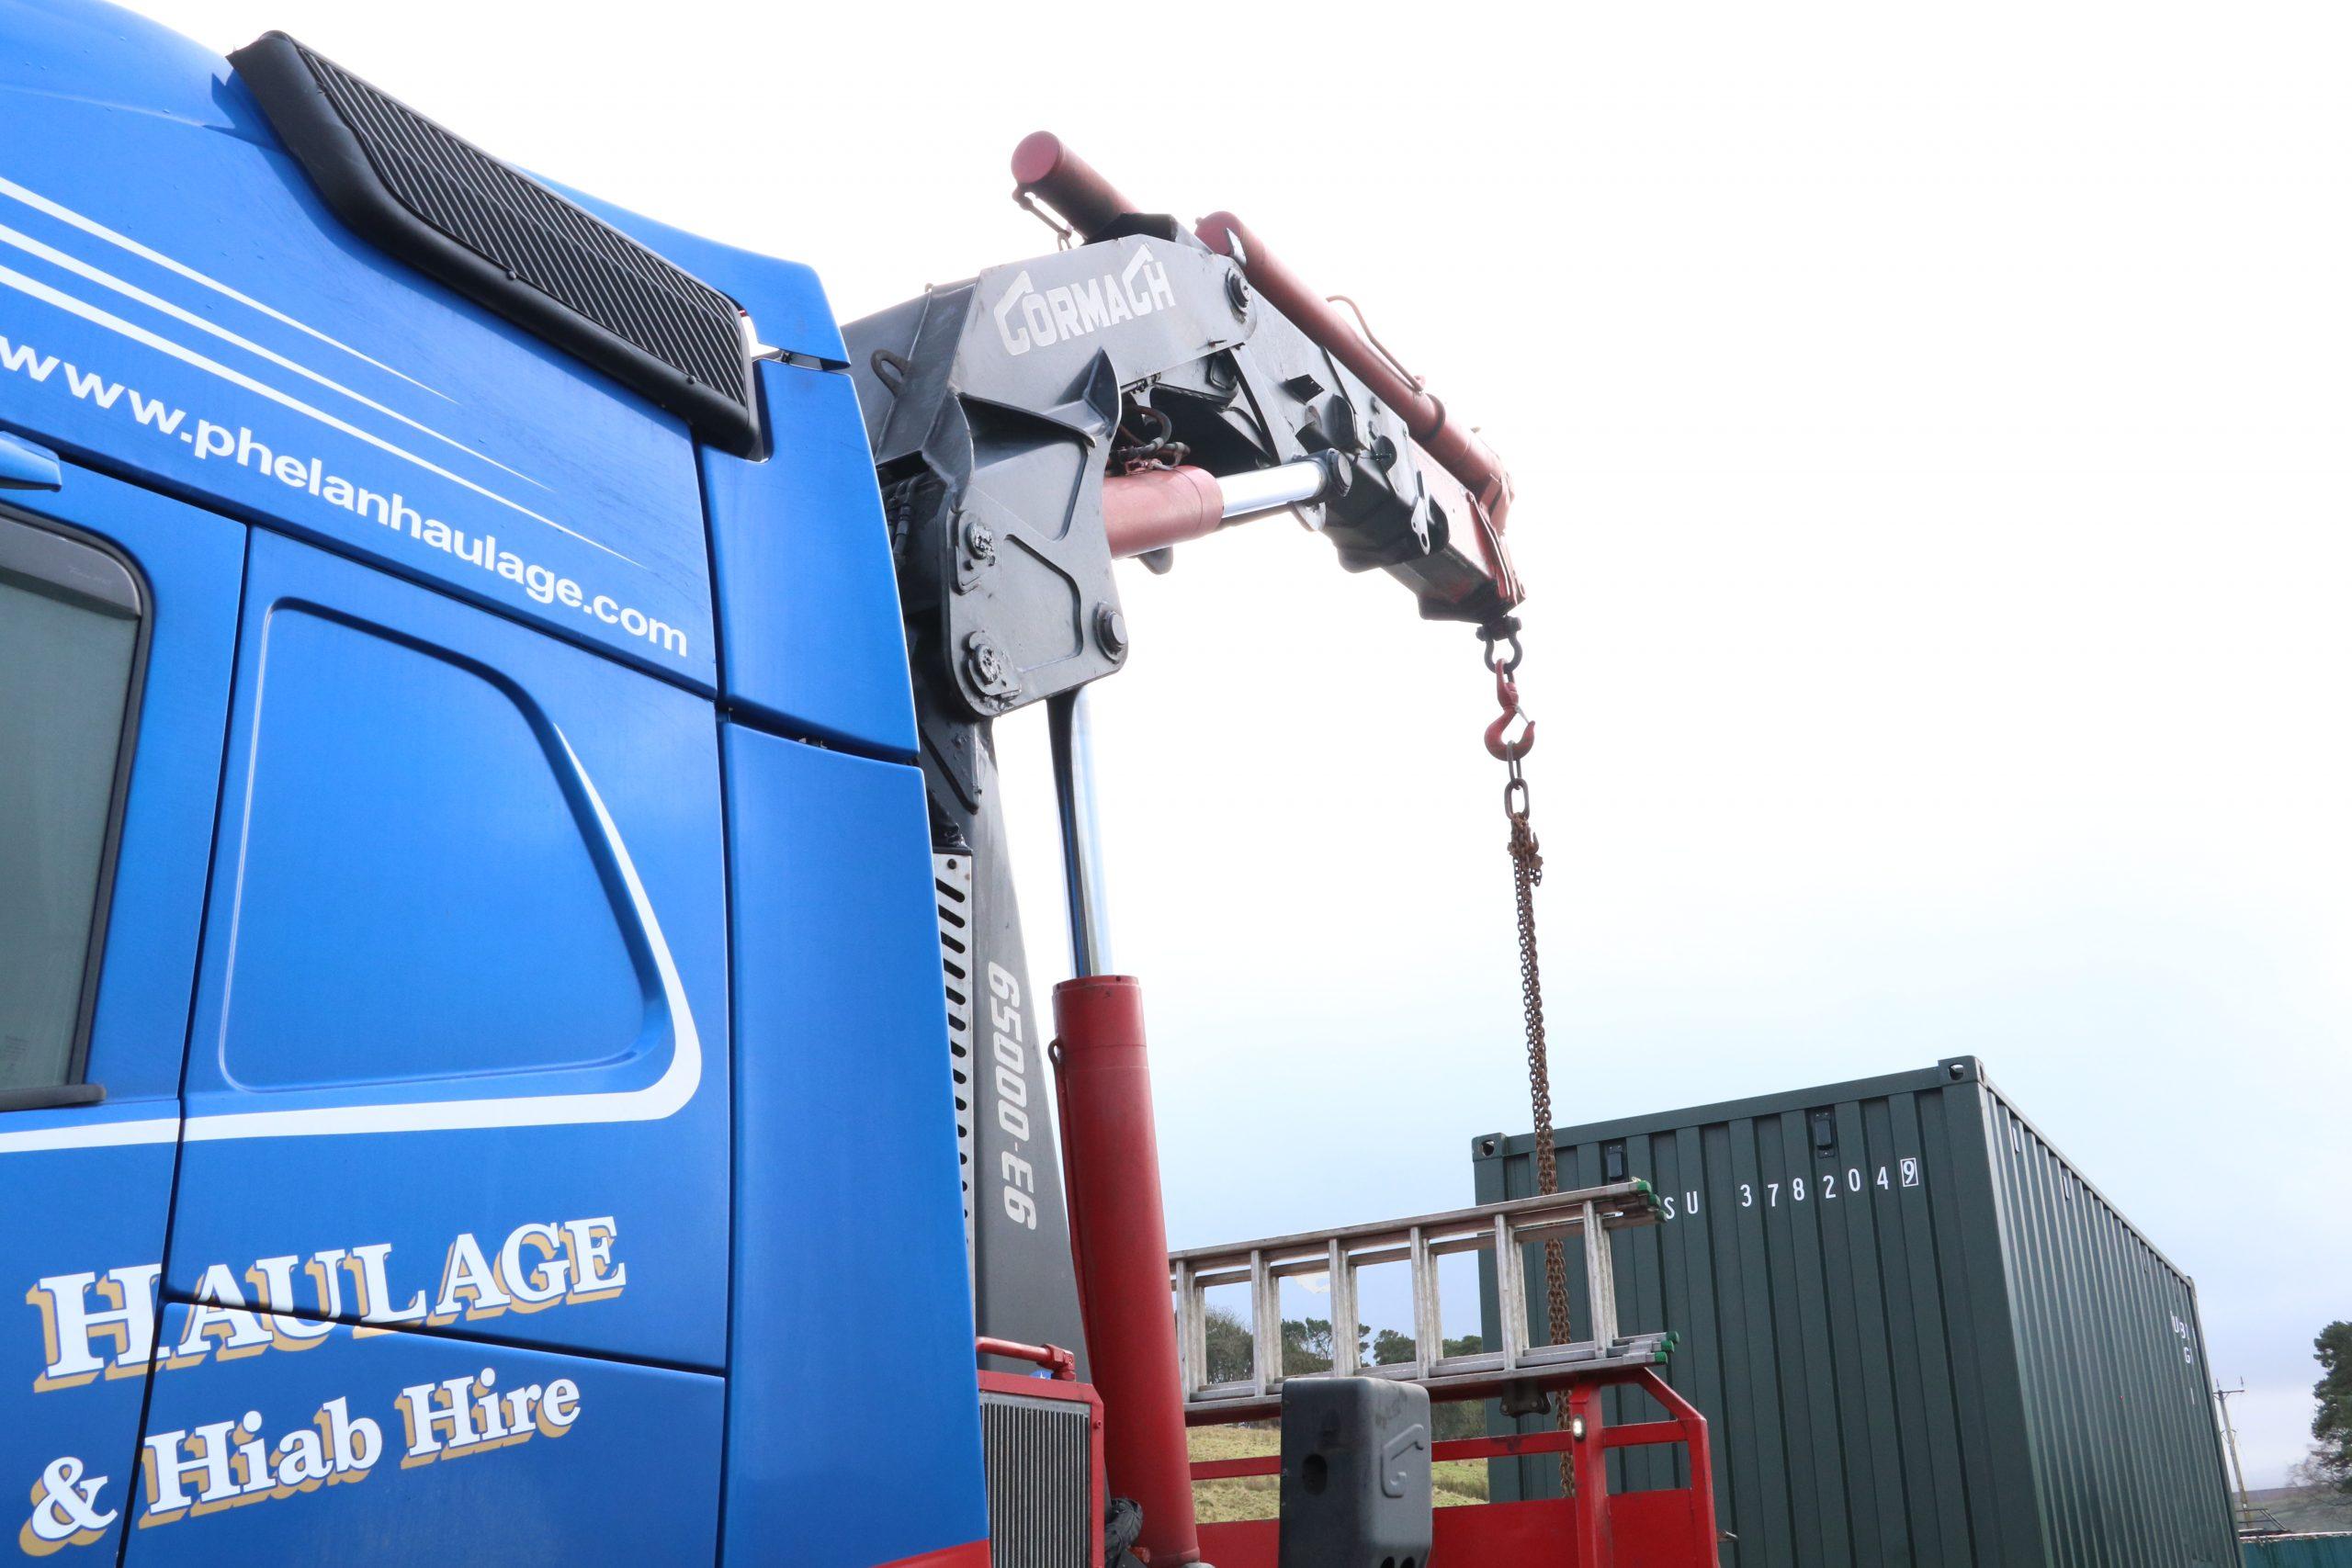 phelan_haulage_hiab_truck42